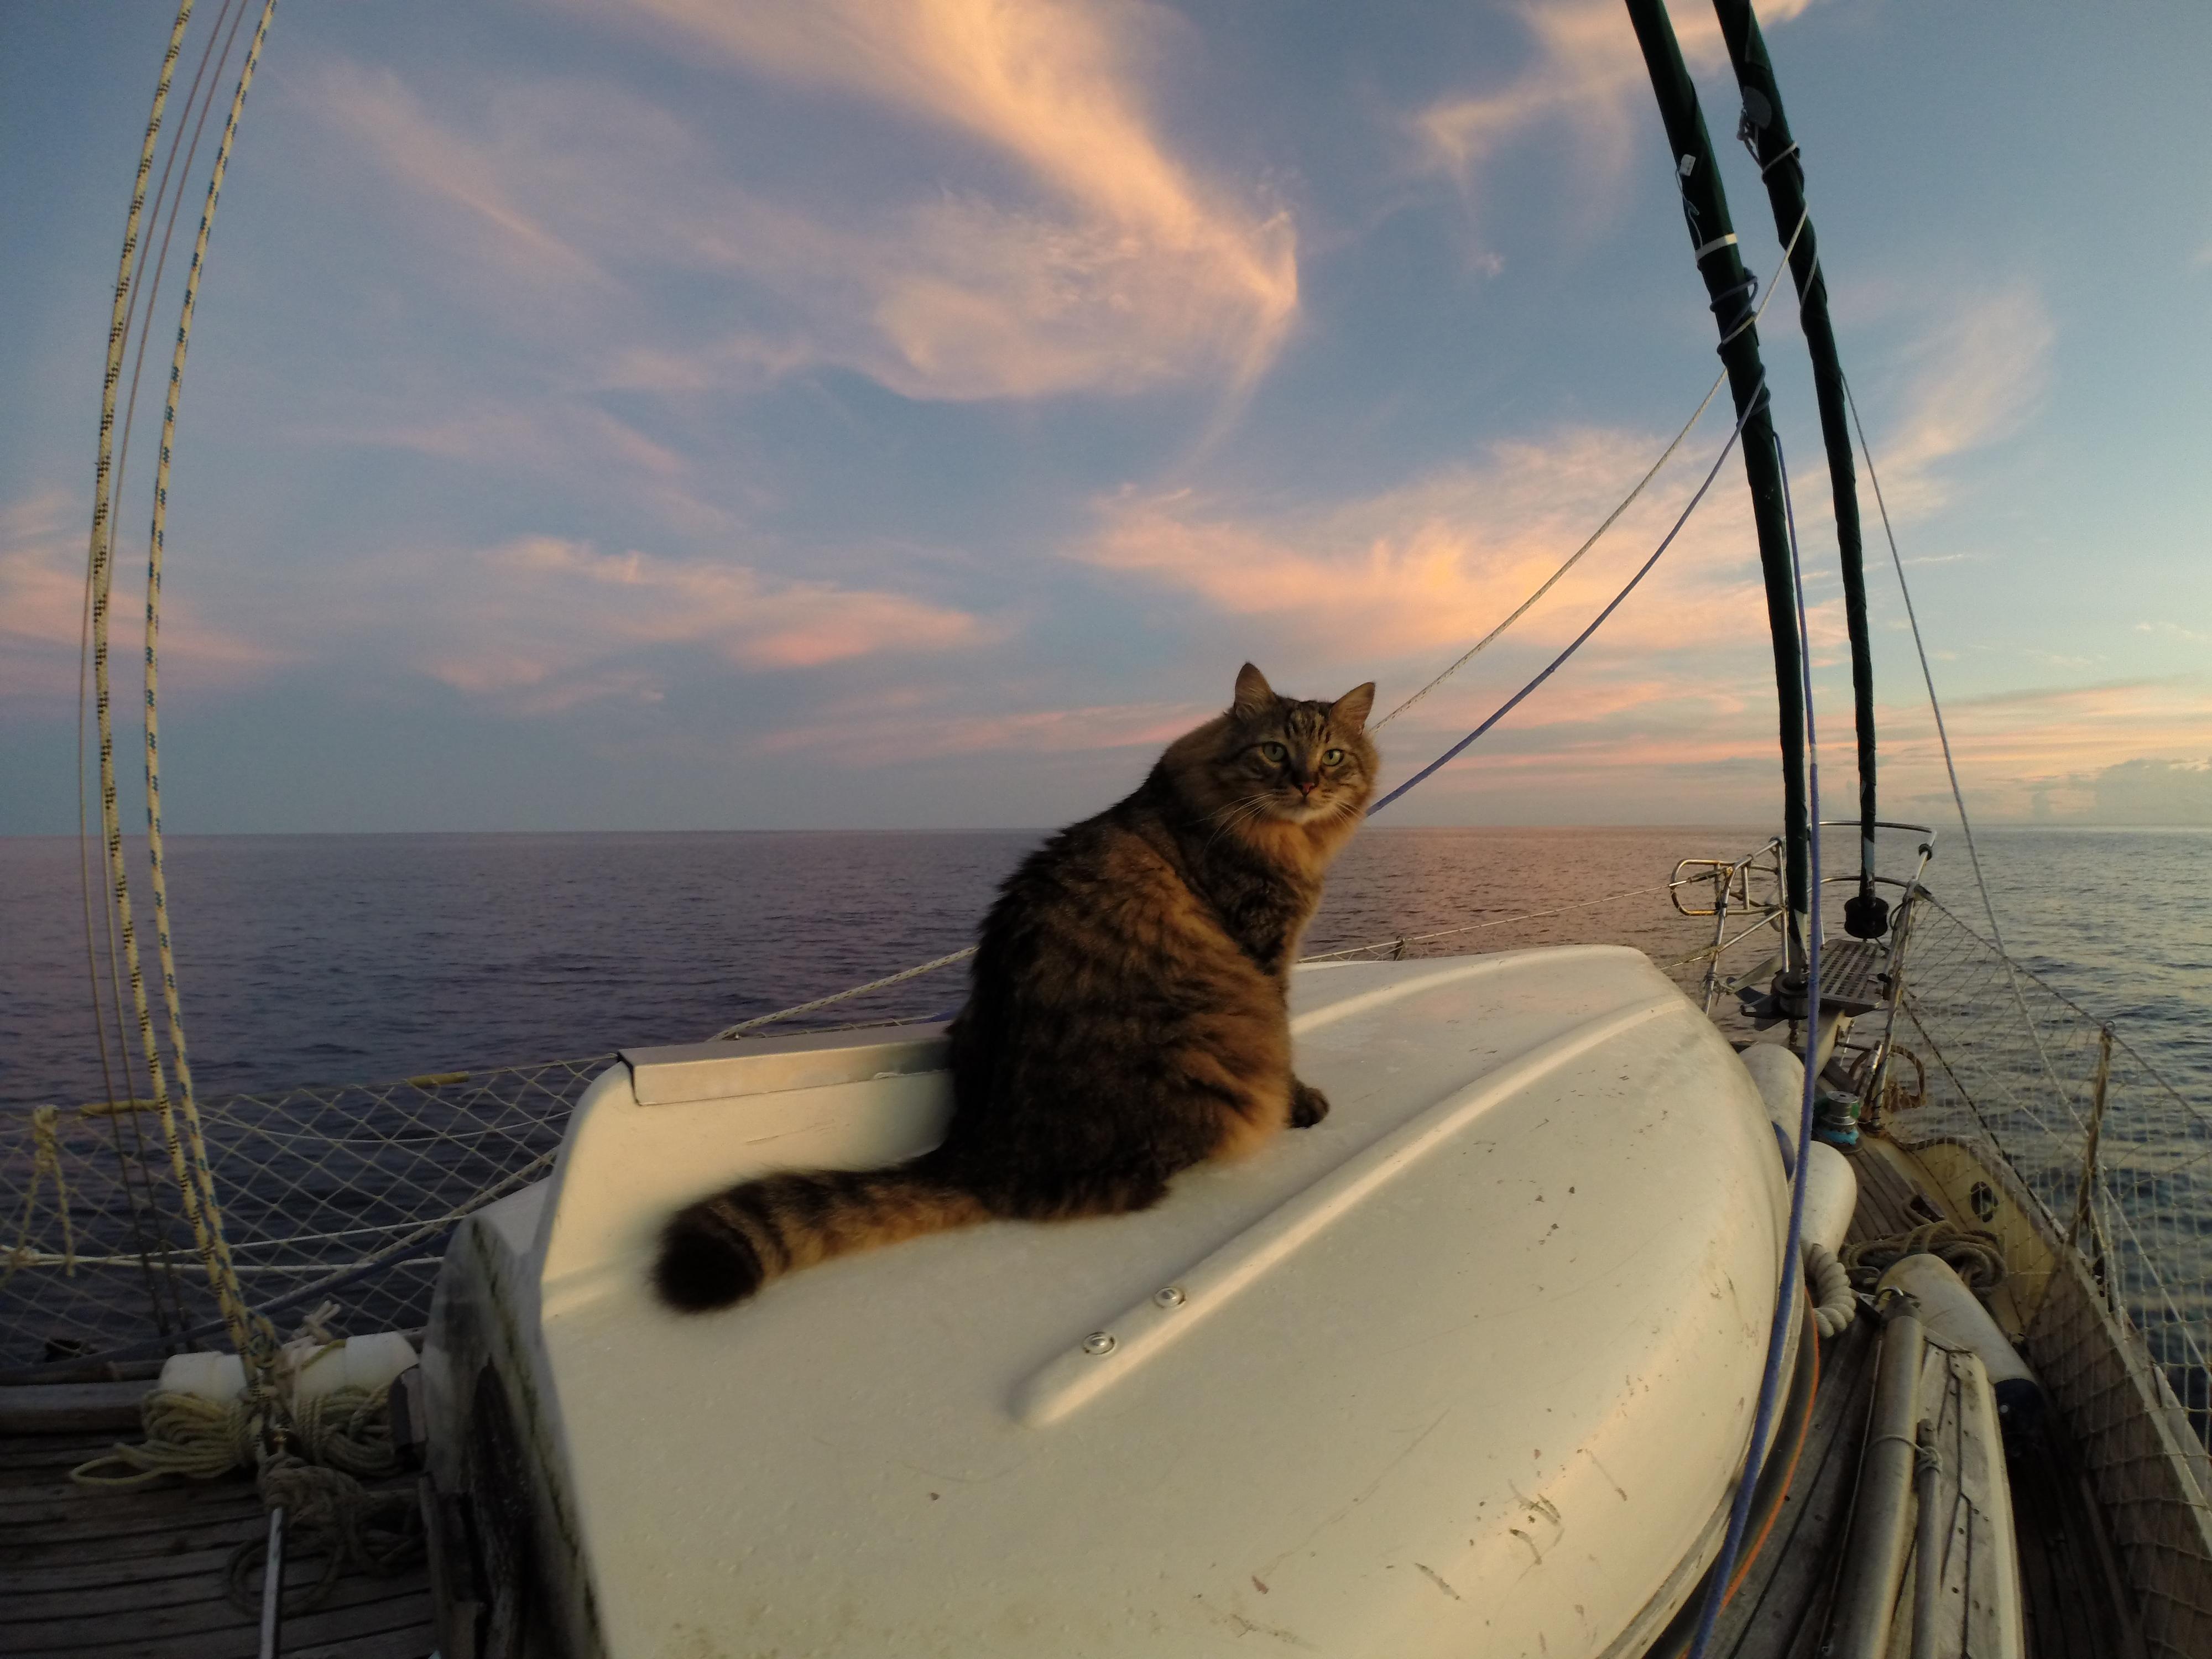 הרצאות מסע - לאן מפליגים?